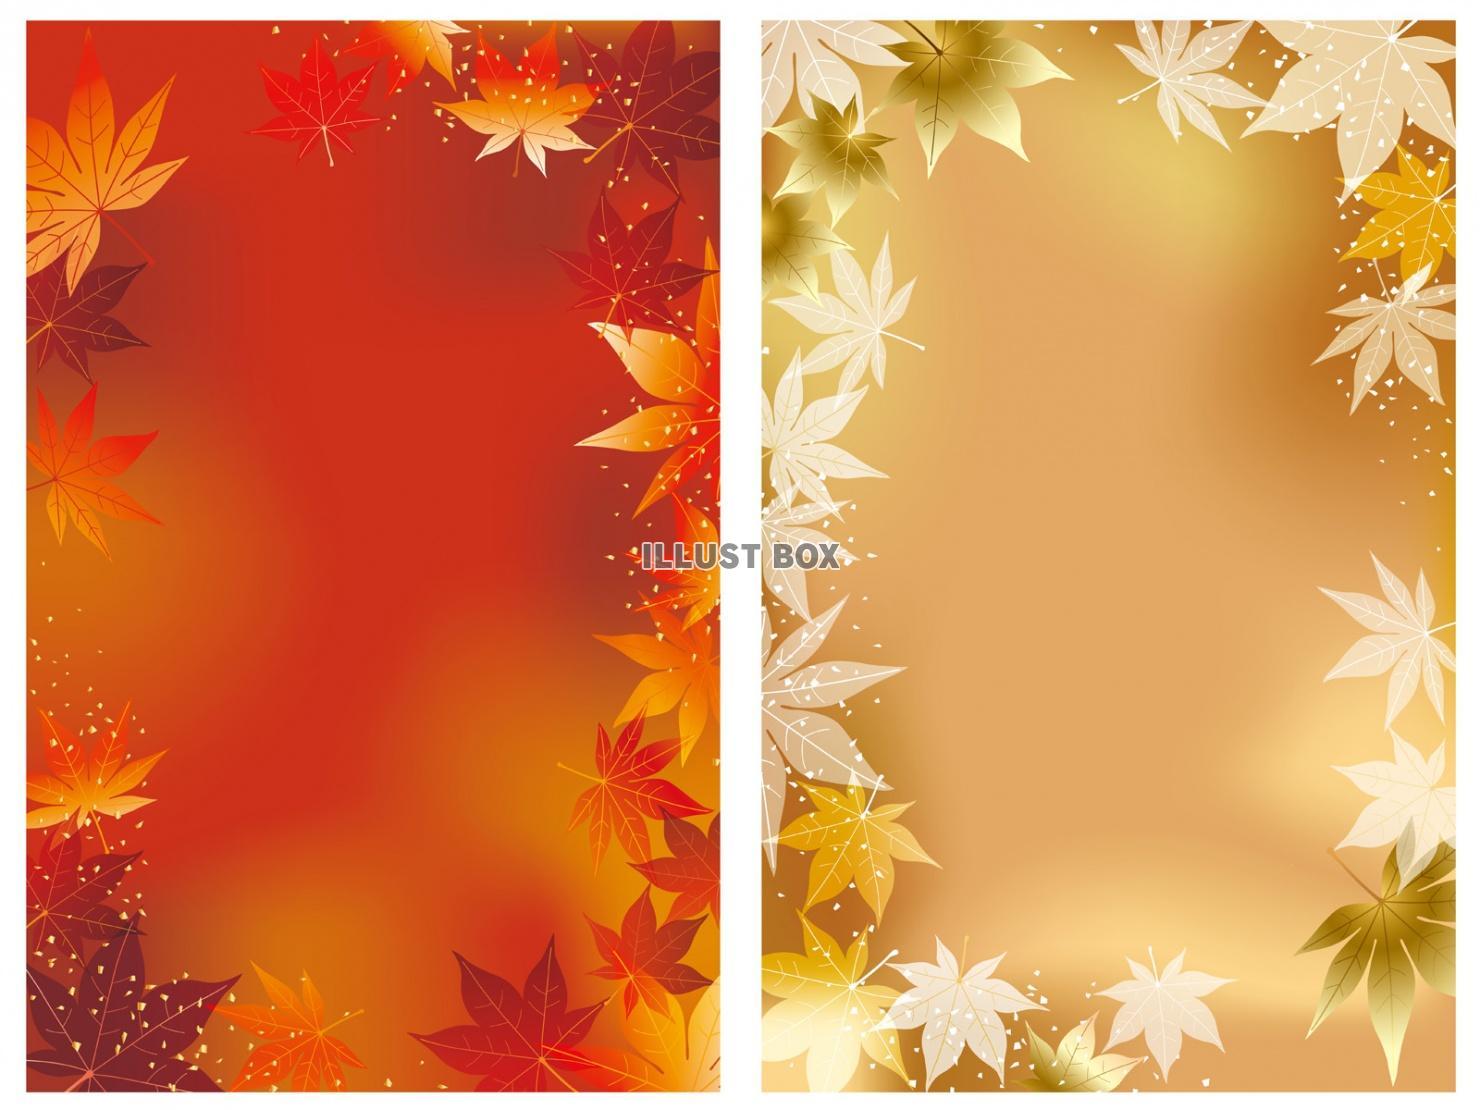 無料イラスト 秋の背景セット